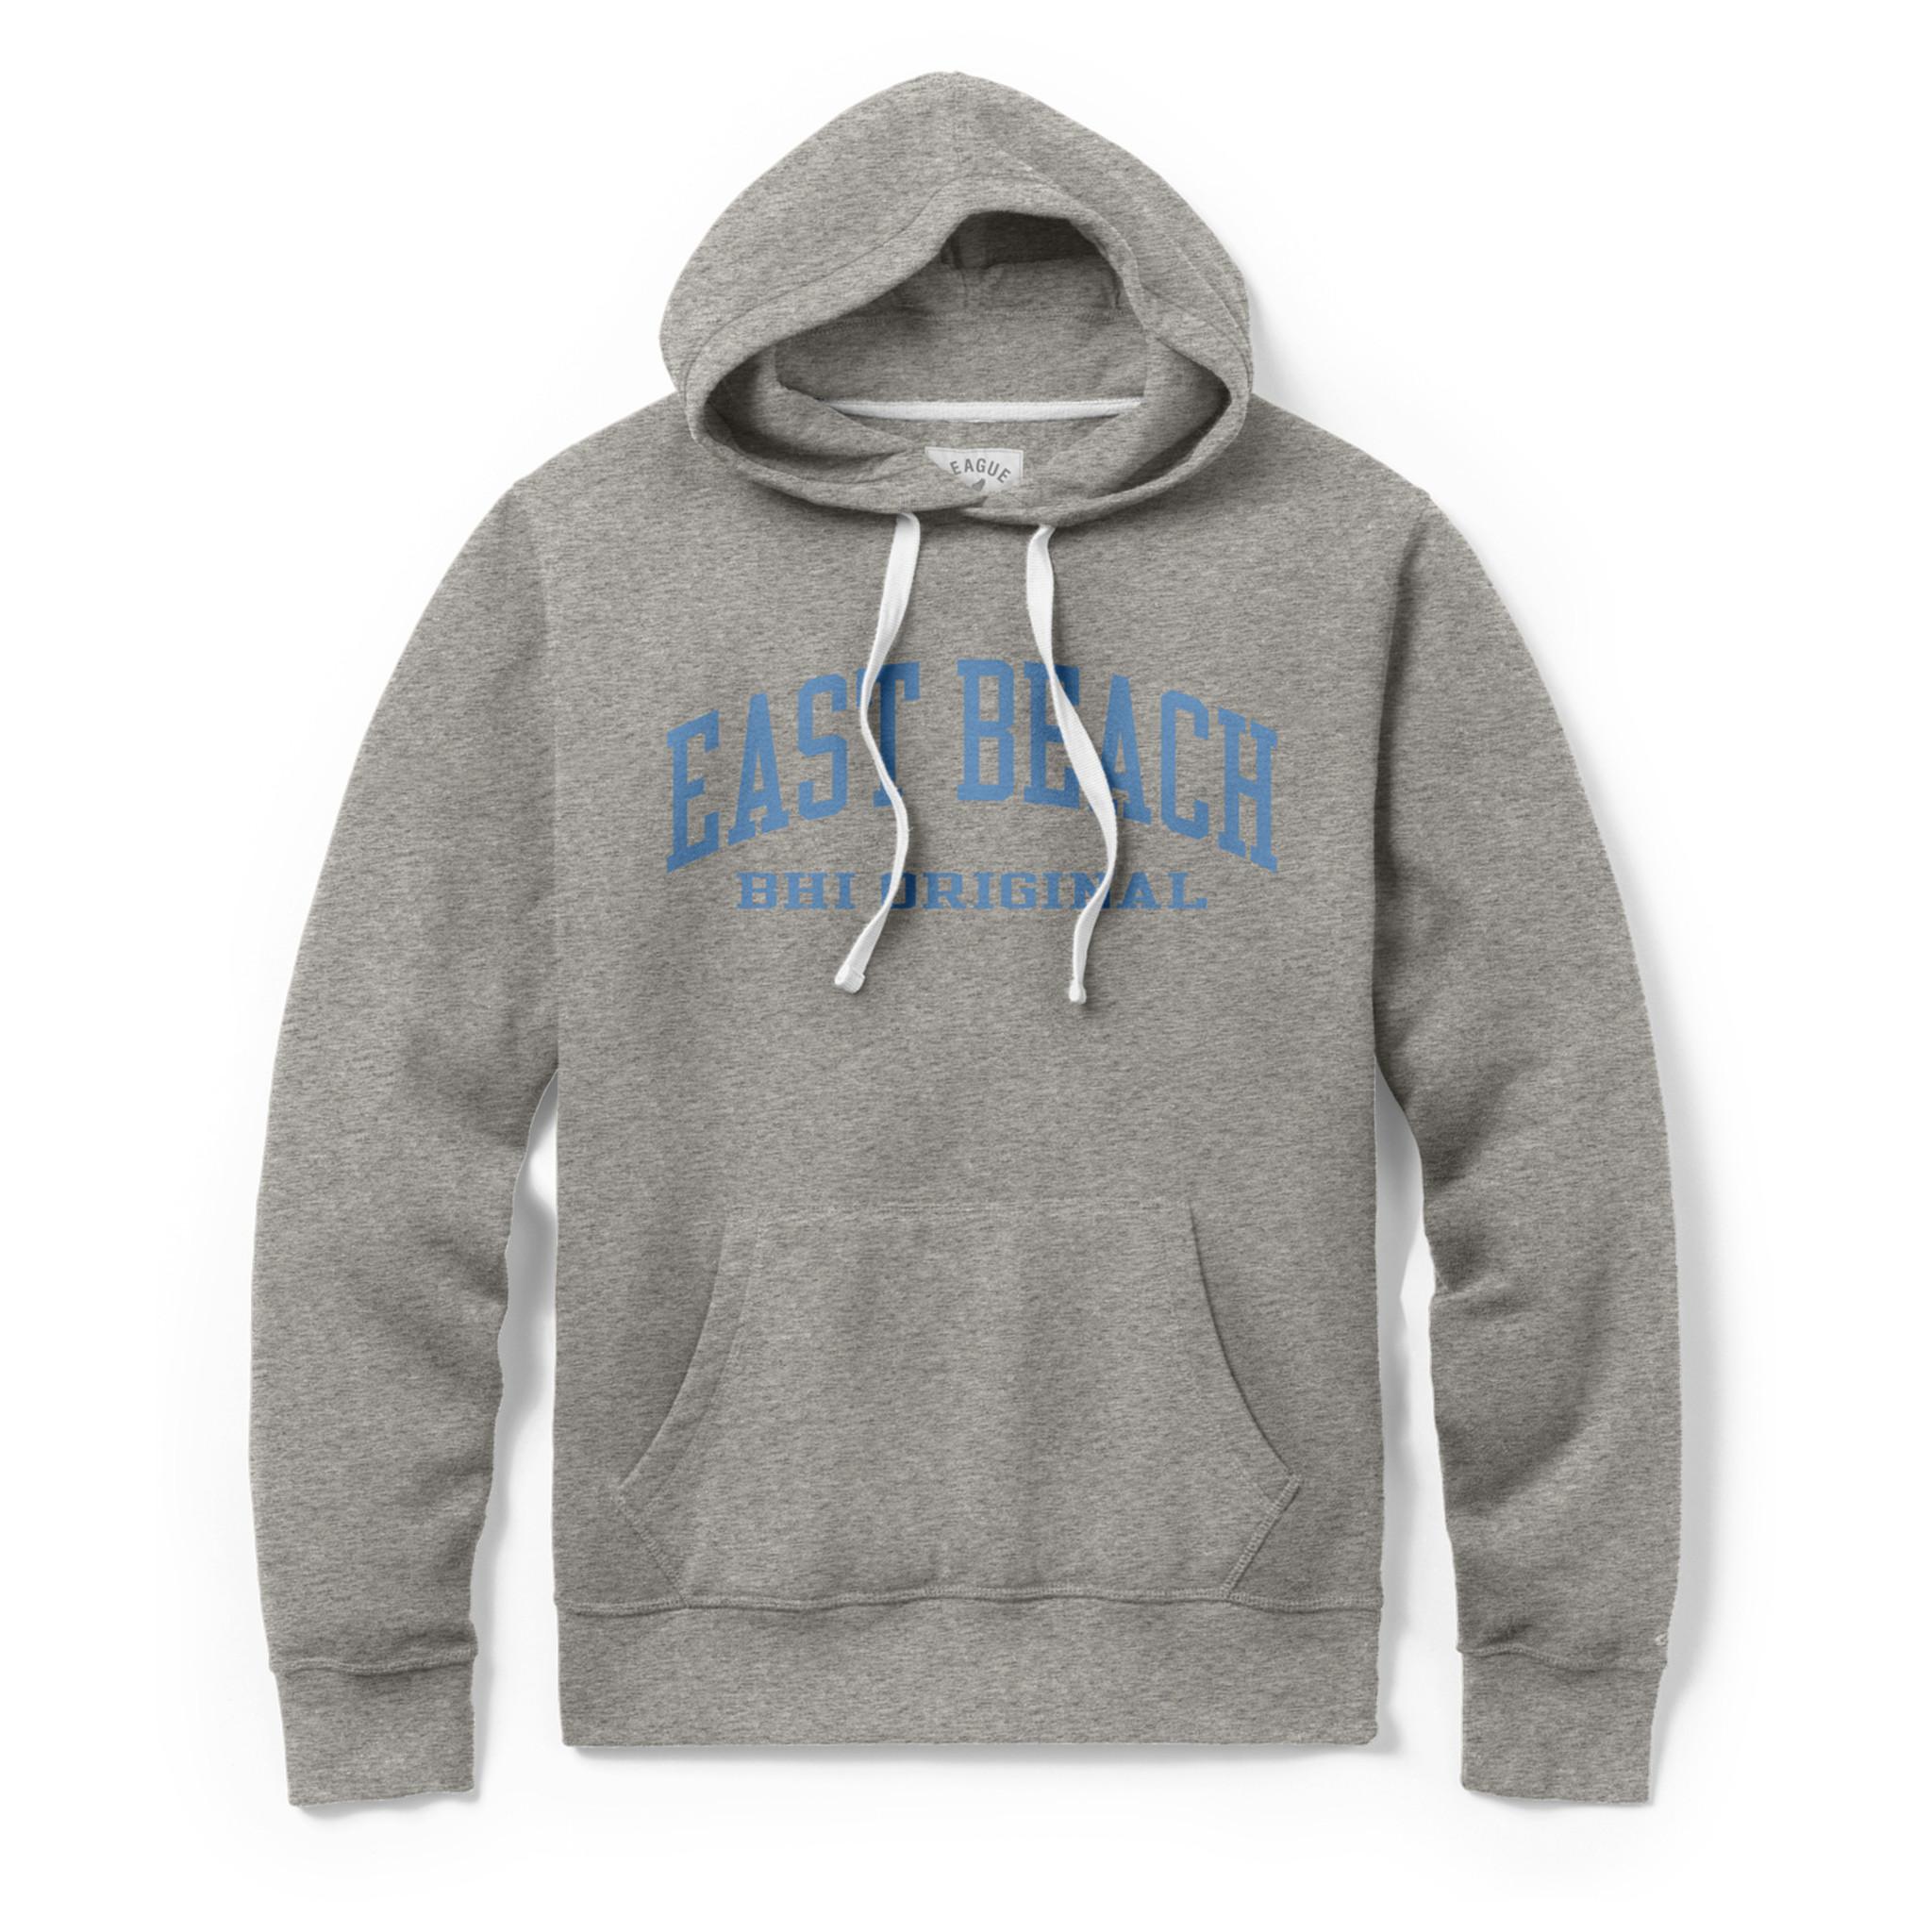 Legacy East Beach Collegiate Hoodie